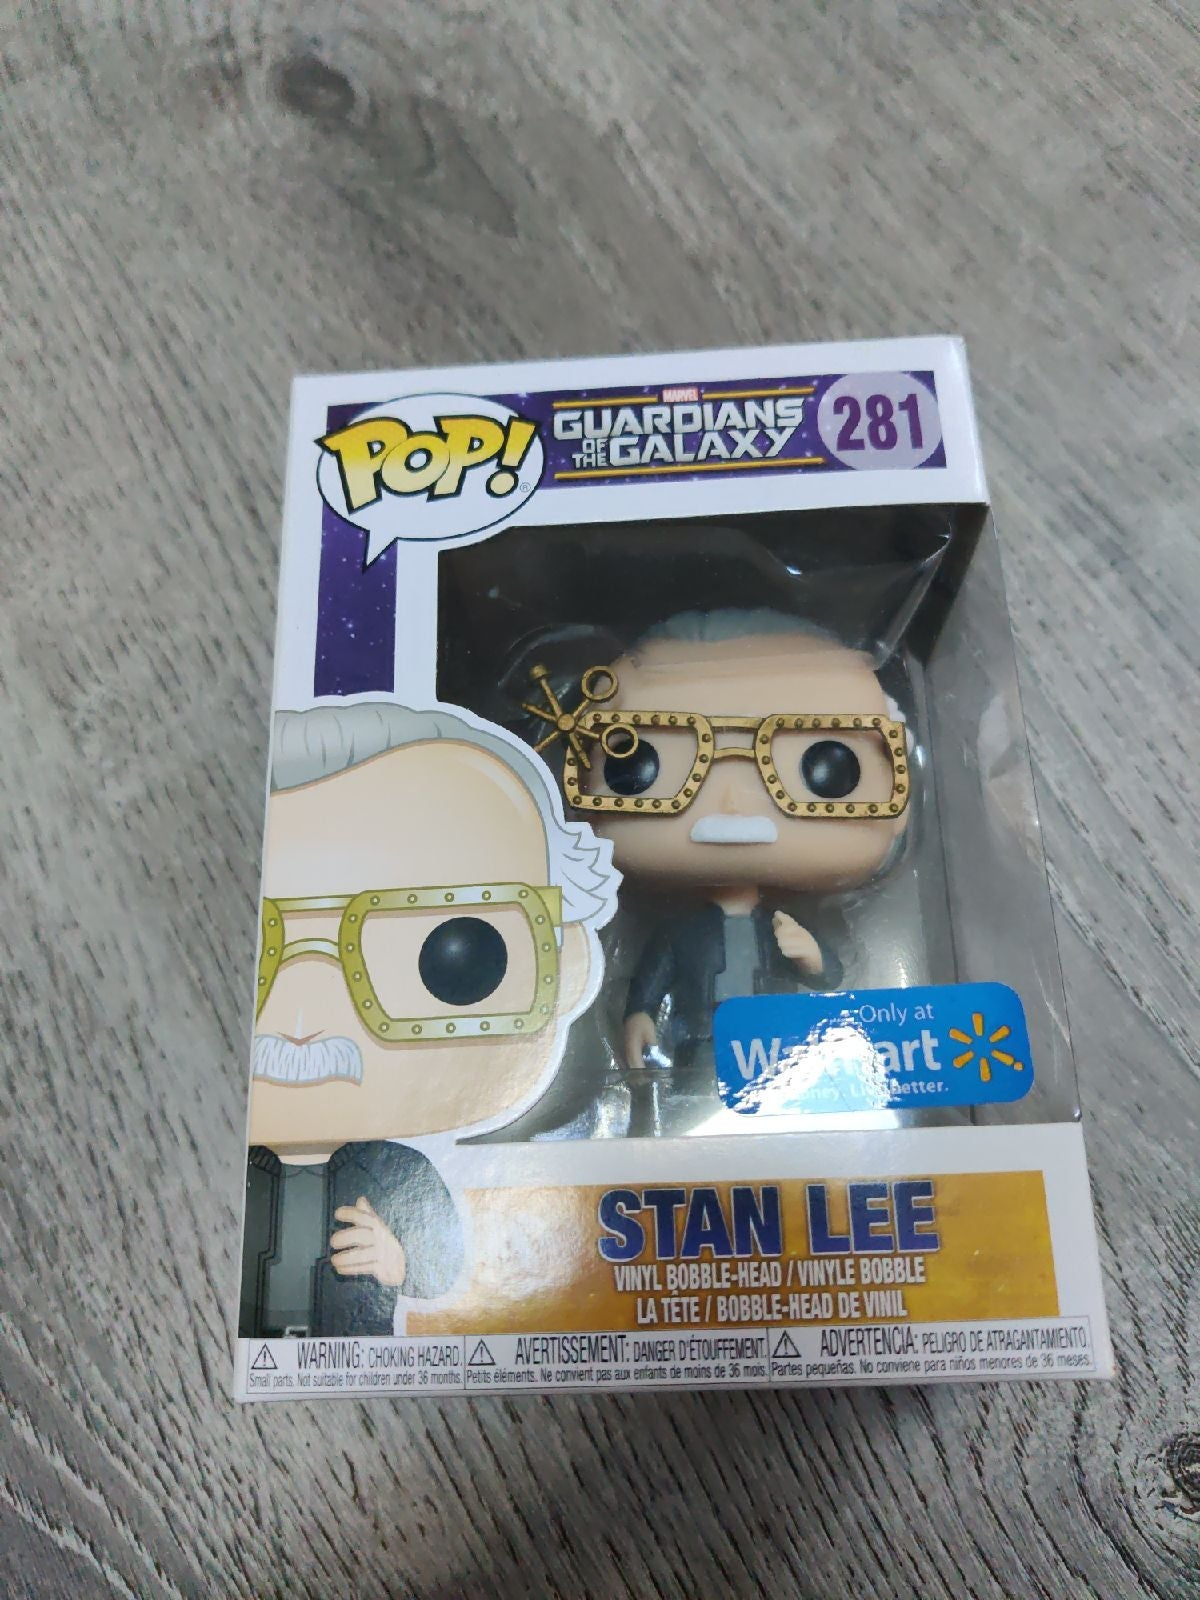 Stan Lee Funko Pop Walmart Exclusive